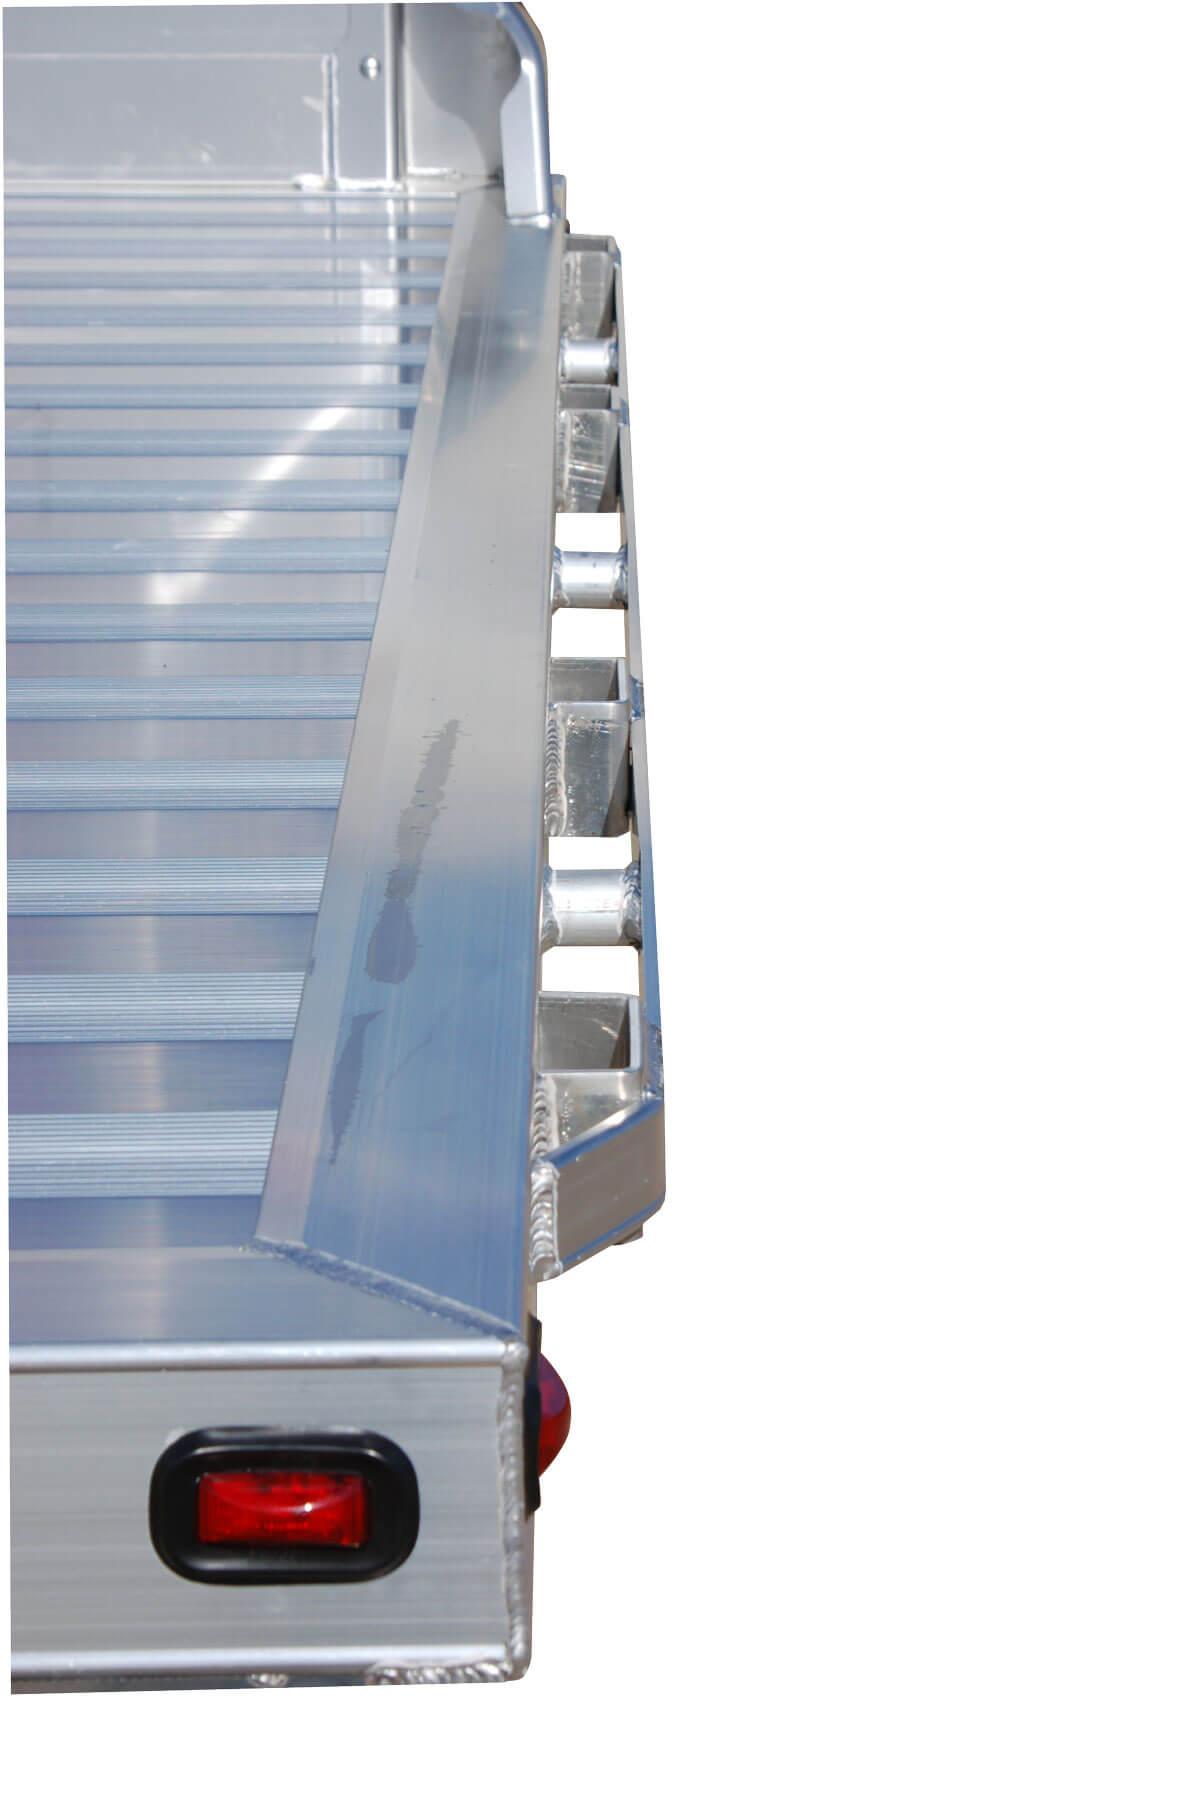 adjustable headache rack with lighting